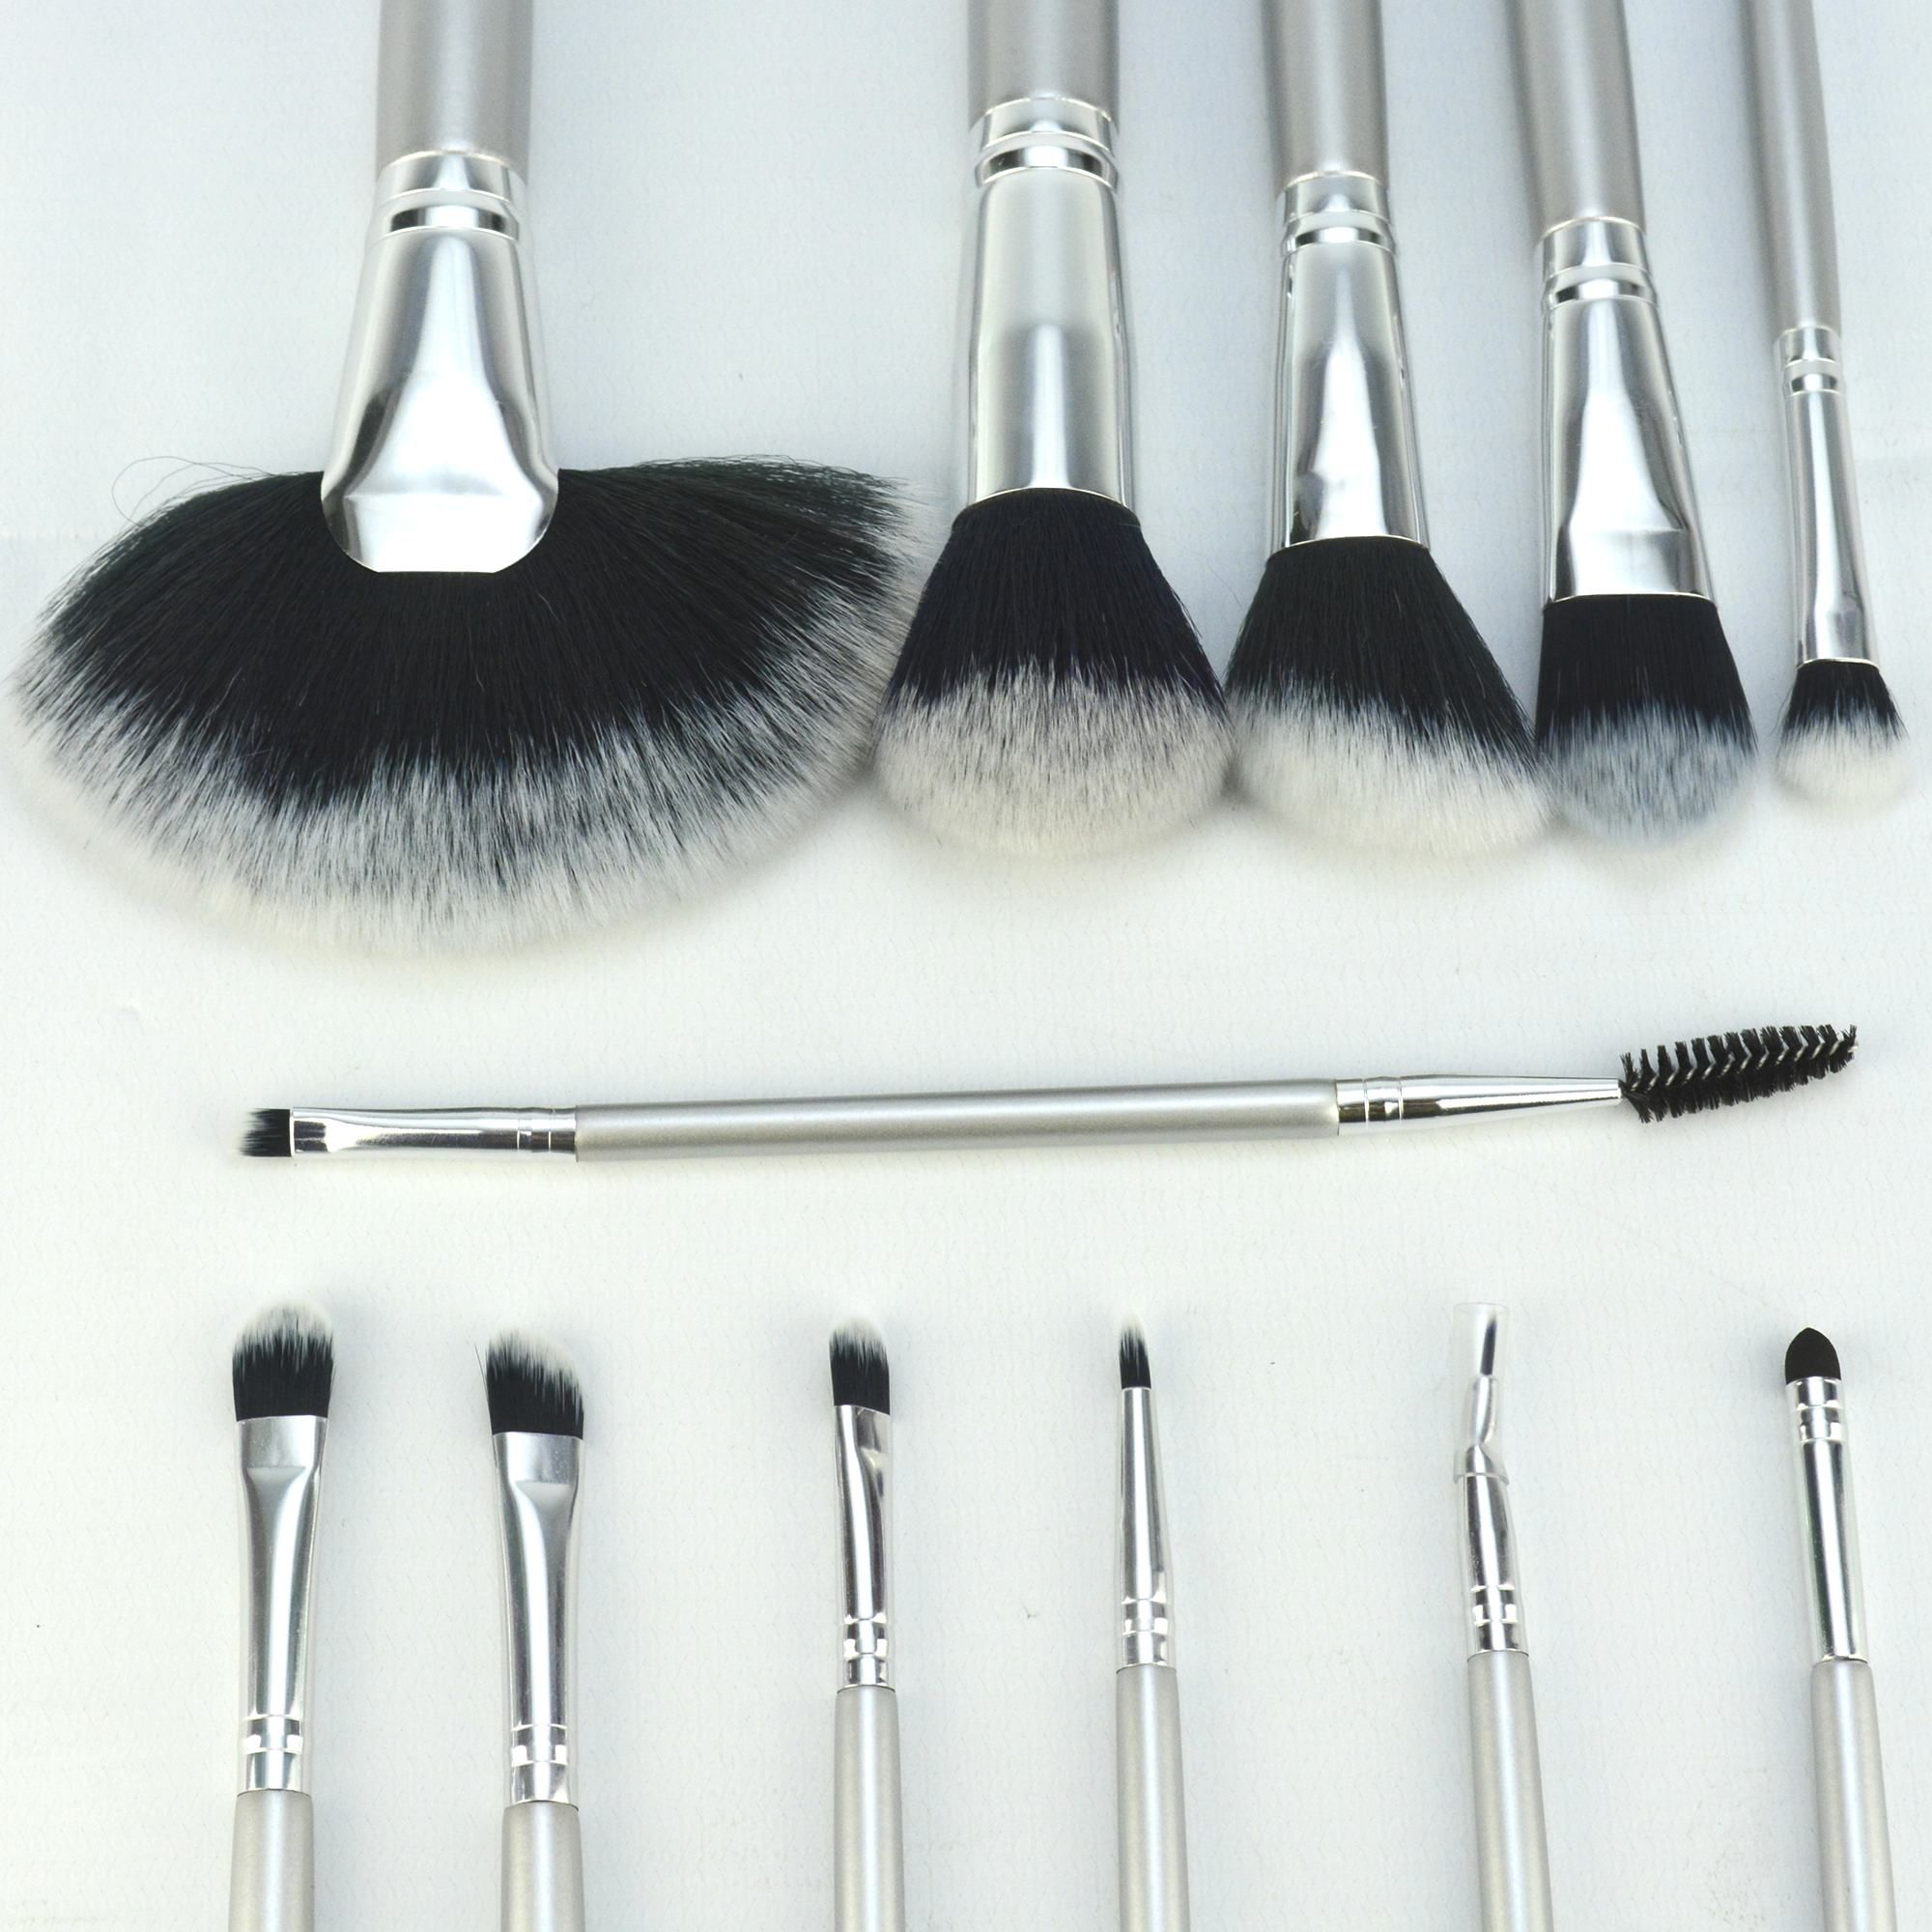 Kit 12 Pinceis para Maquiagem com Suporte Prata CBRN11391